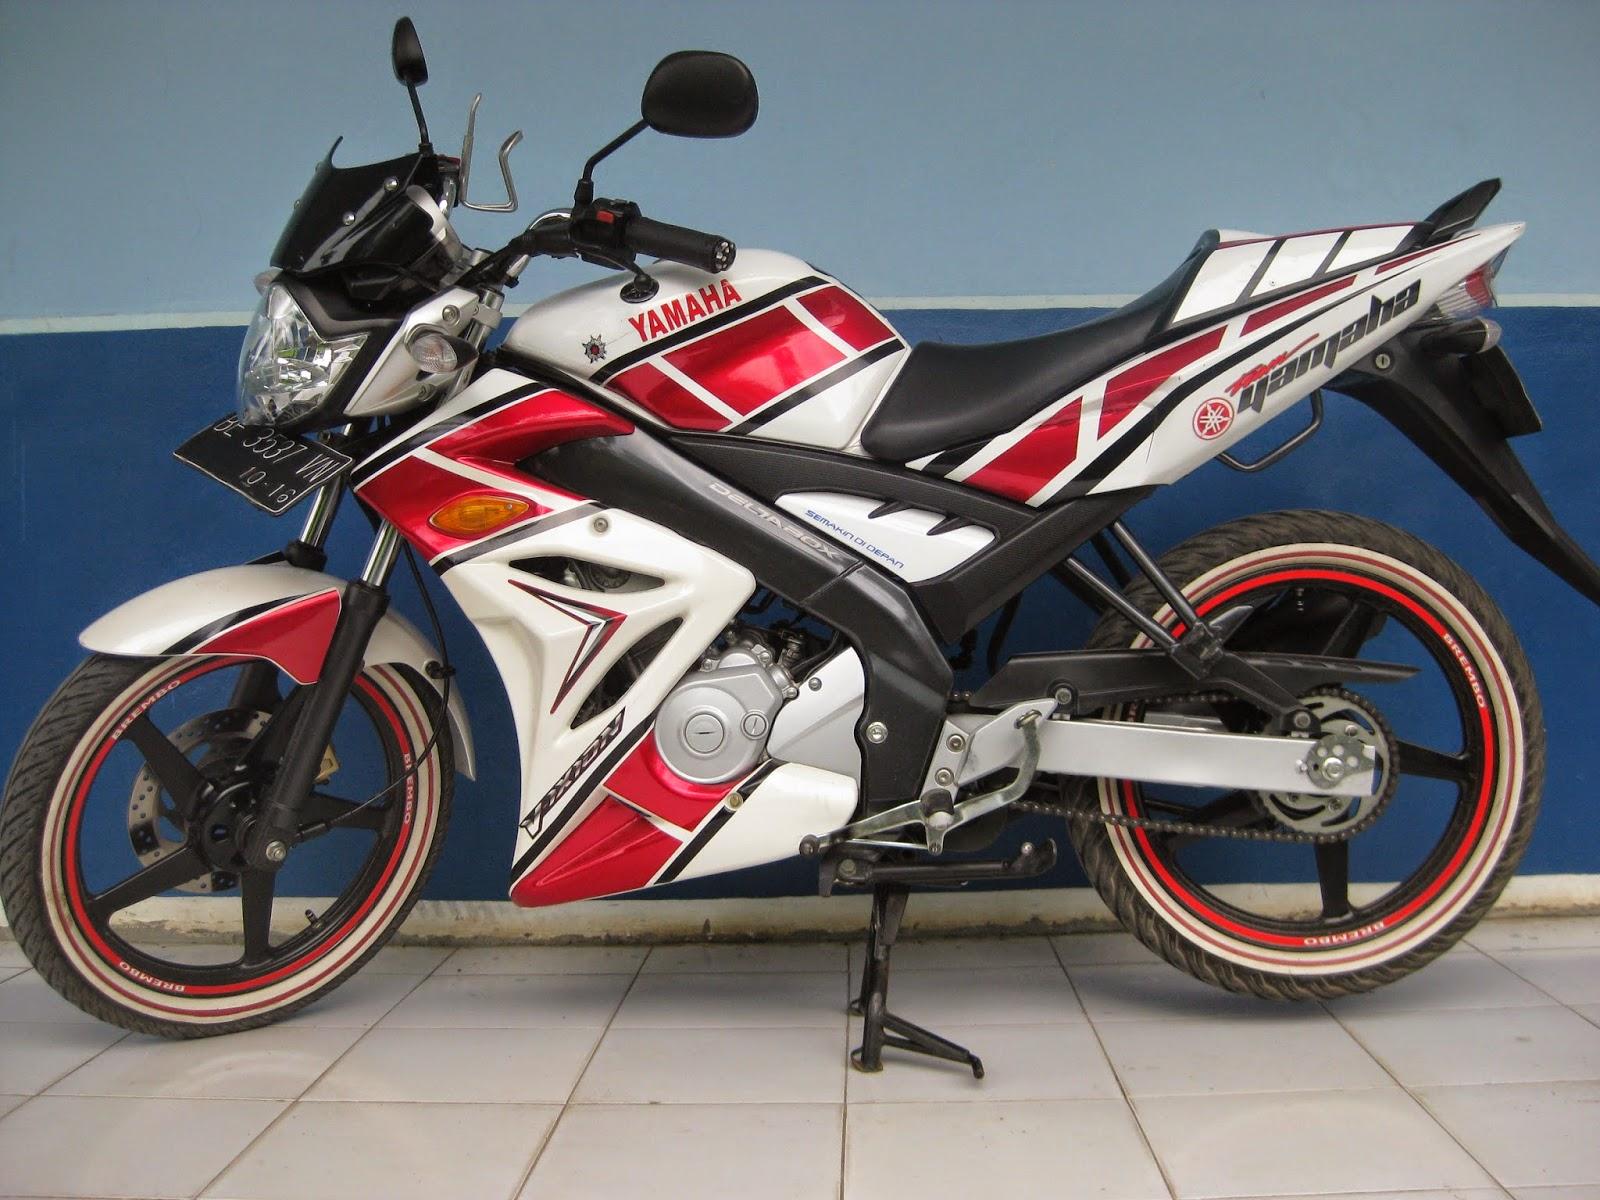 Foto Modifikasi Yamaha Vixion Terbaru